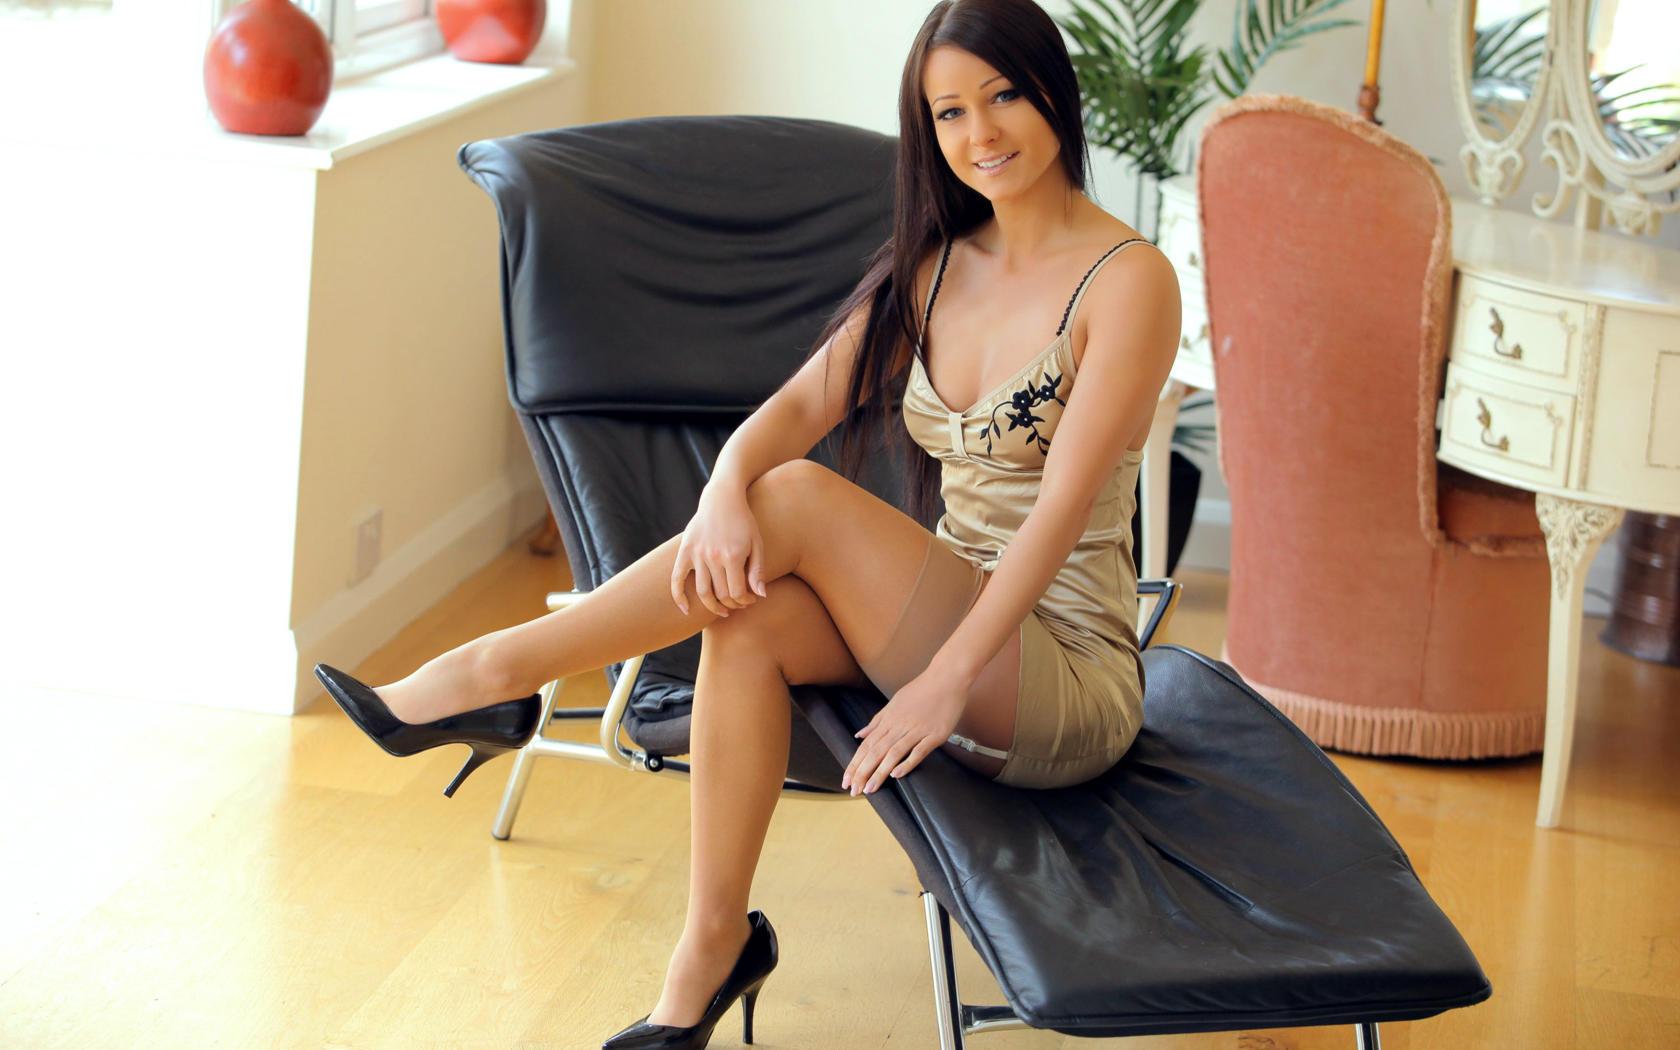 Girl in stockings in public cafe 1